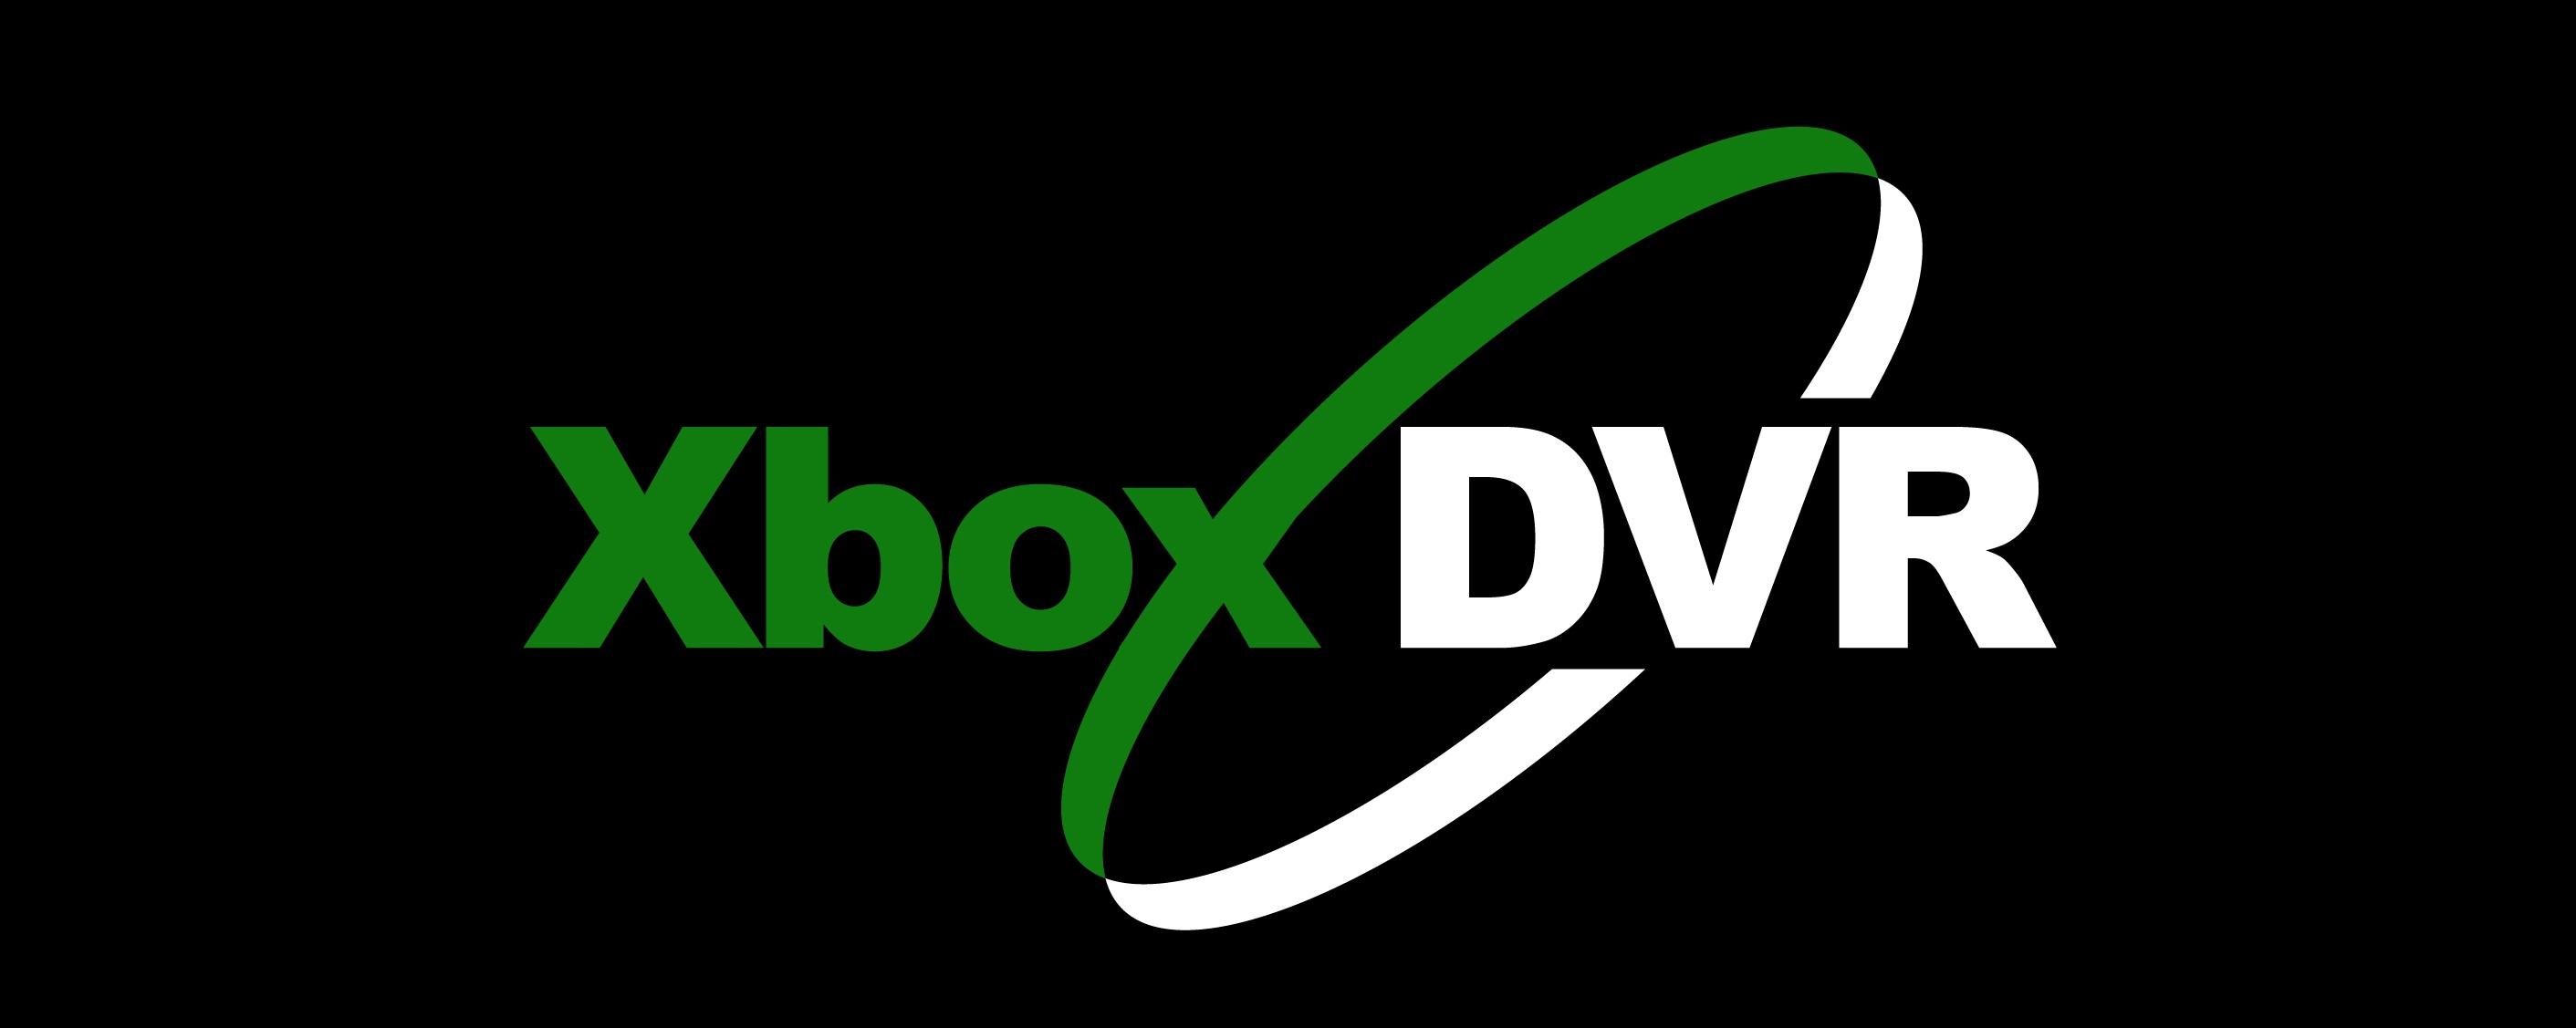 بروزرسانی جدید DVR قابلیت ضبط گیم پلی 1080p را به Xbox One اضافه خواهد کرد